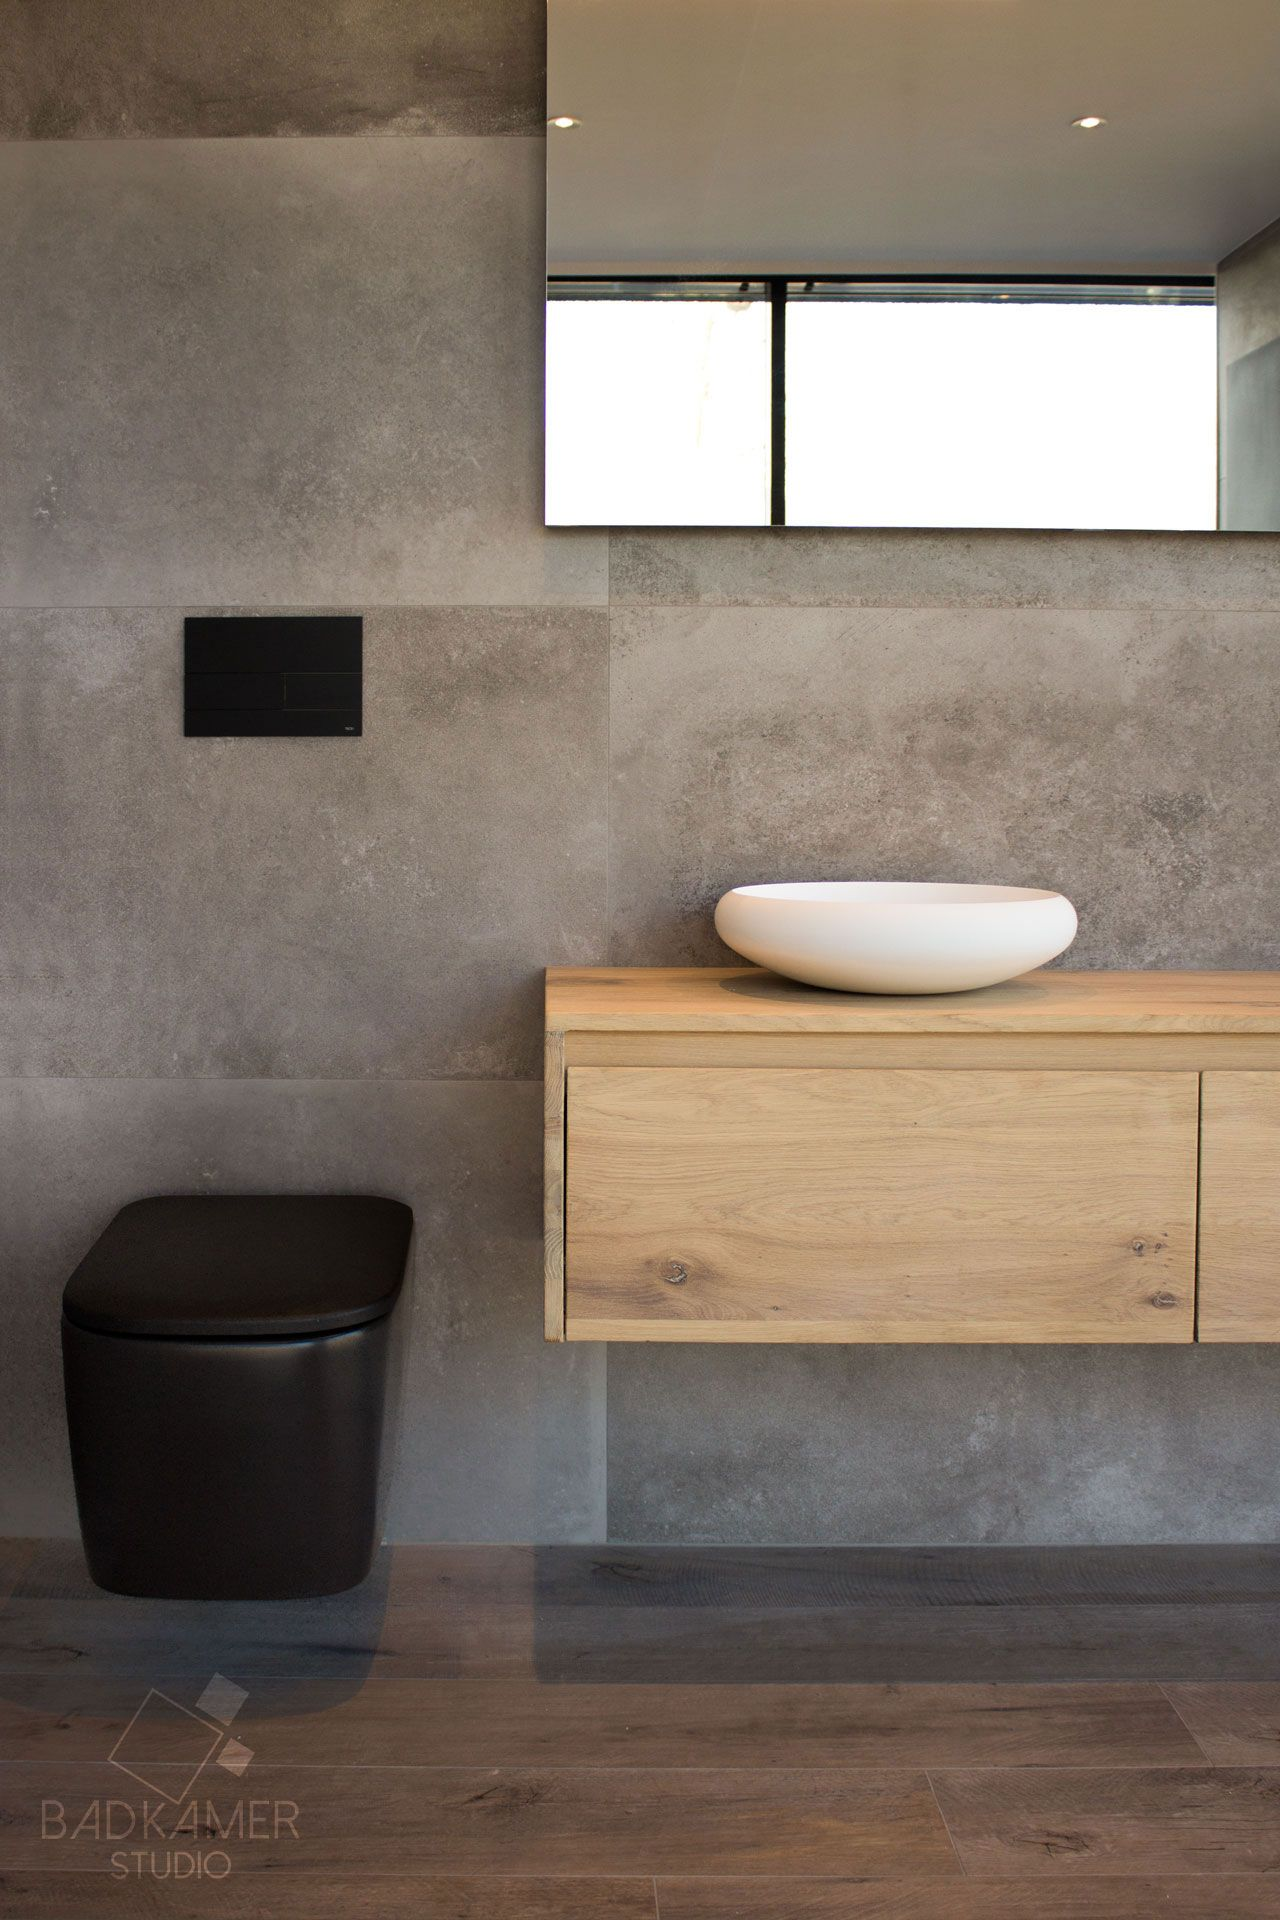 robuuste maatwerk badkamer deze badkamer voelt warm aan door de houten vloer en het eikenhouten